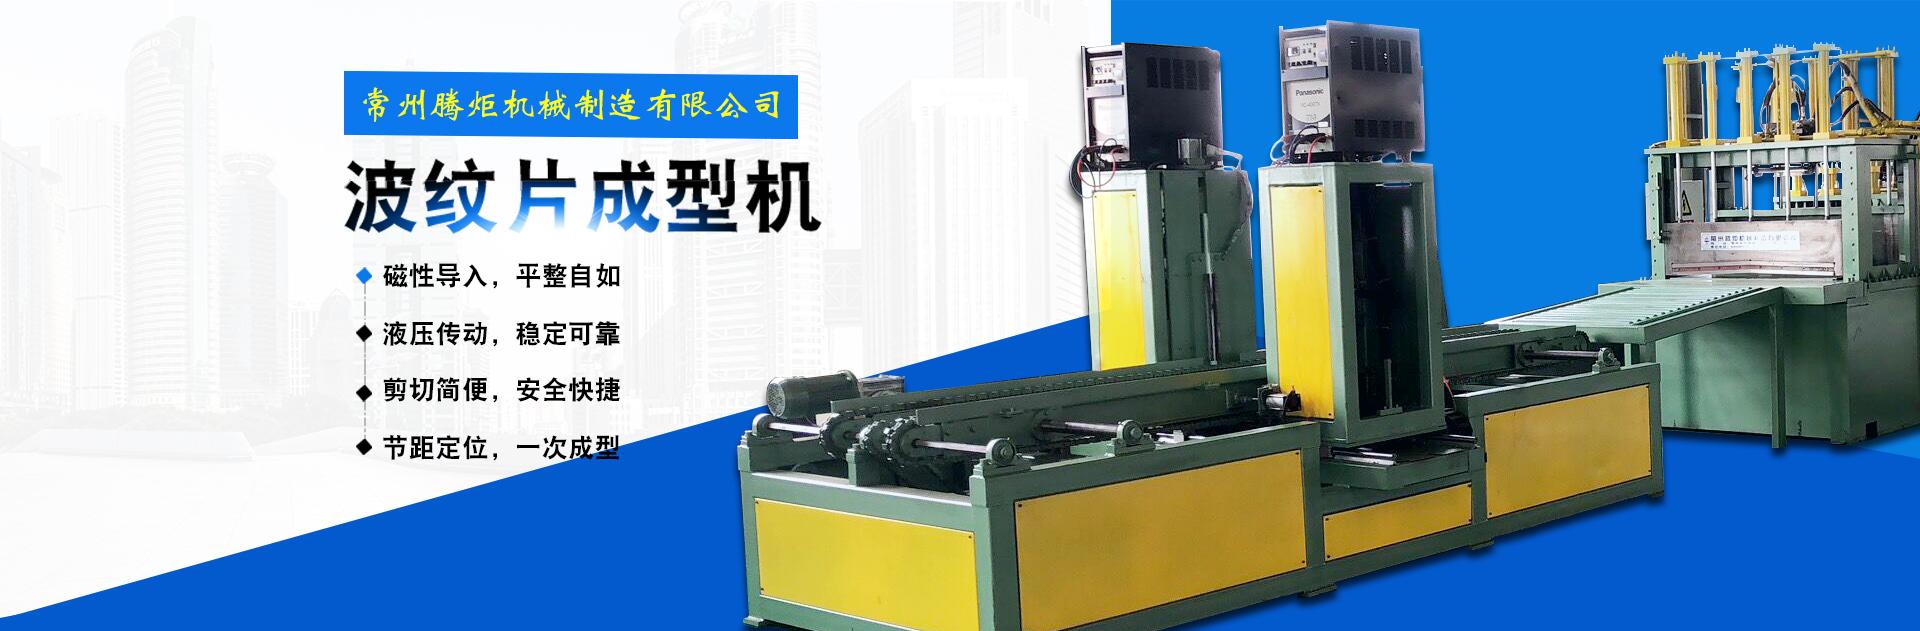 波纹片自动焊接机价格